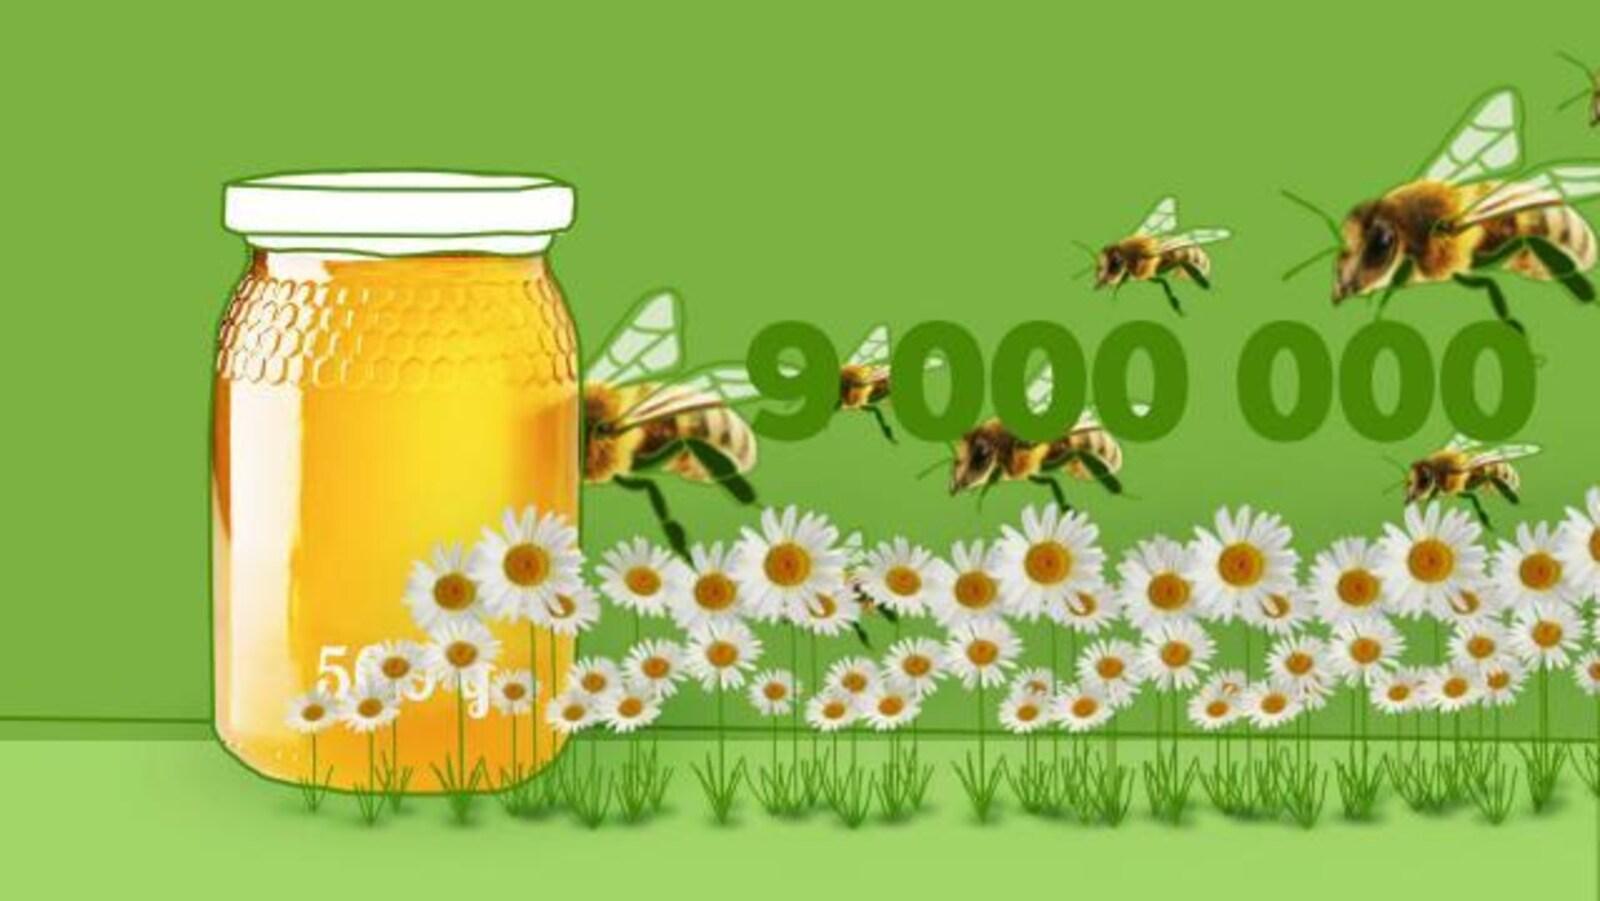 Combien faut-il d'abeilles pour produire un pot de miel?